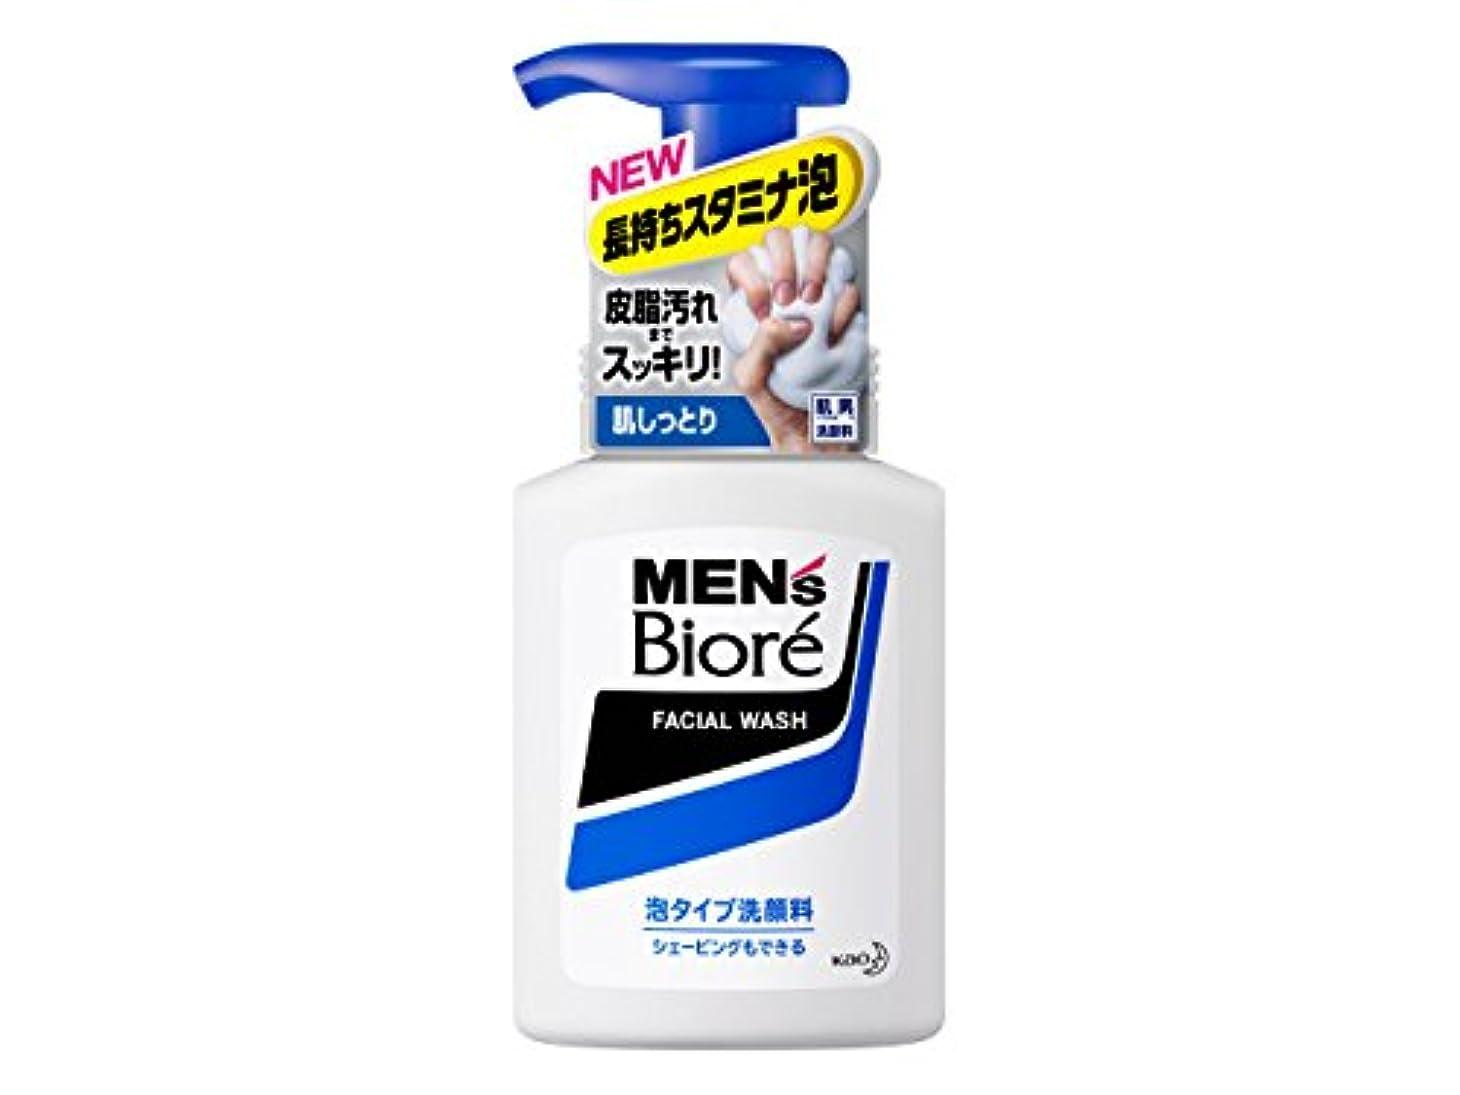 熱意可塑性関係する【花王】メンズビオレ 泡タイプ洗顔 150ml ×10個セット